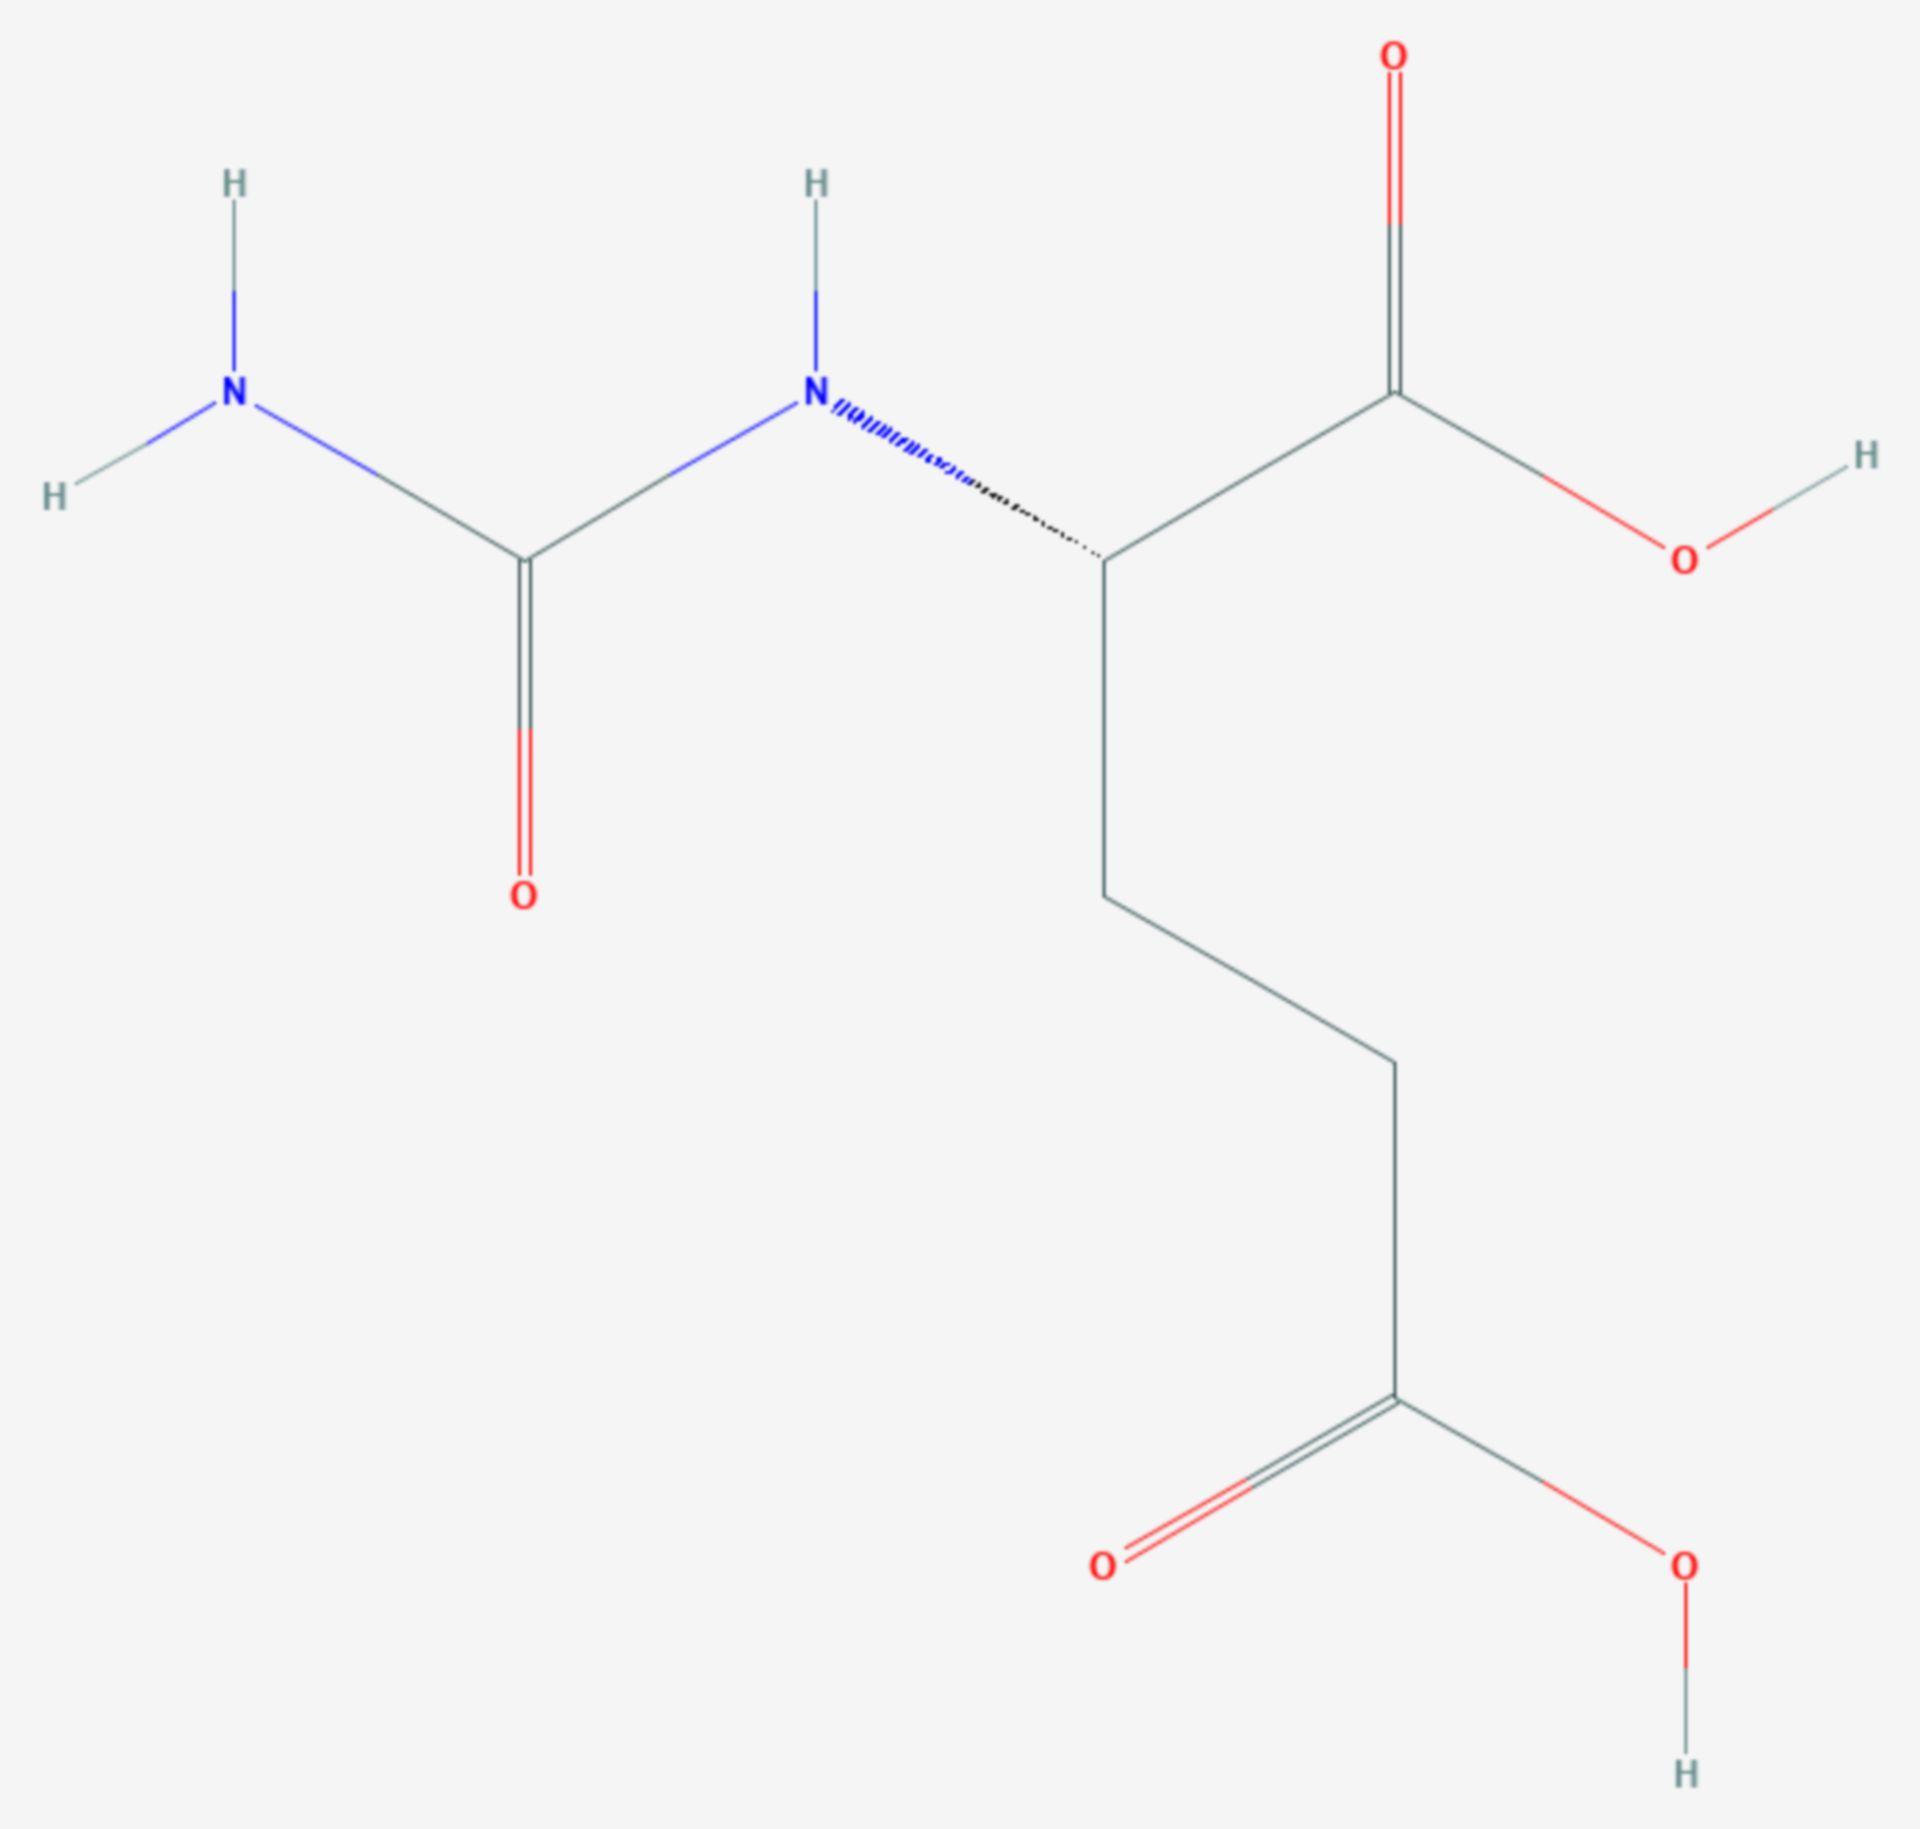 Carglumsäure (Strukturformel)